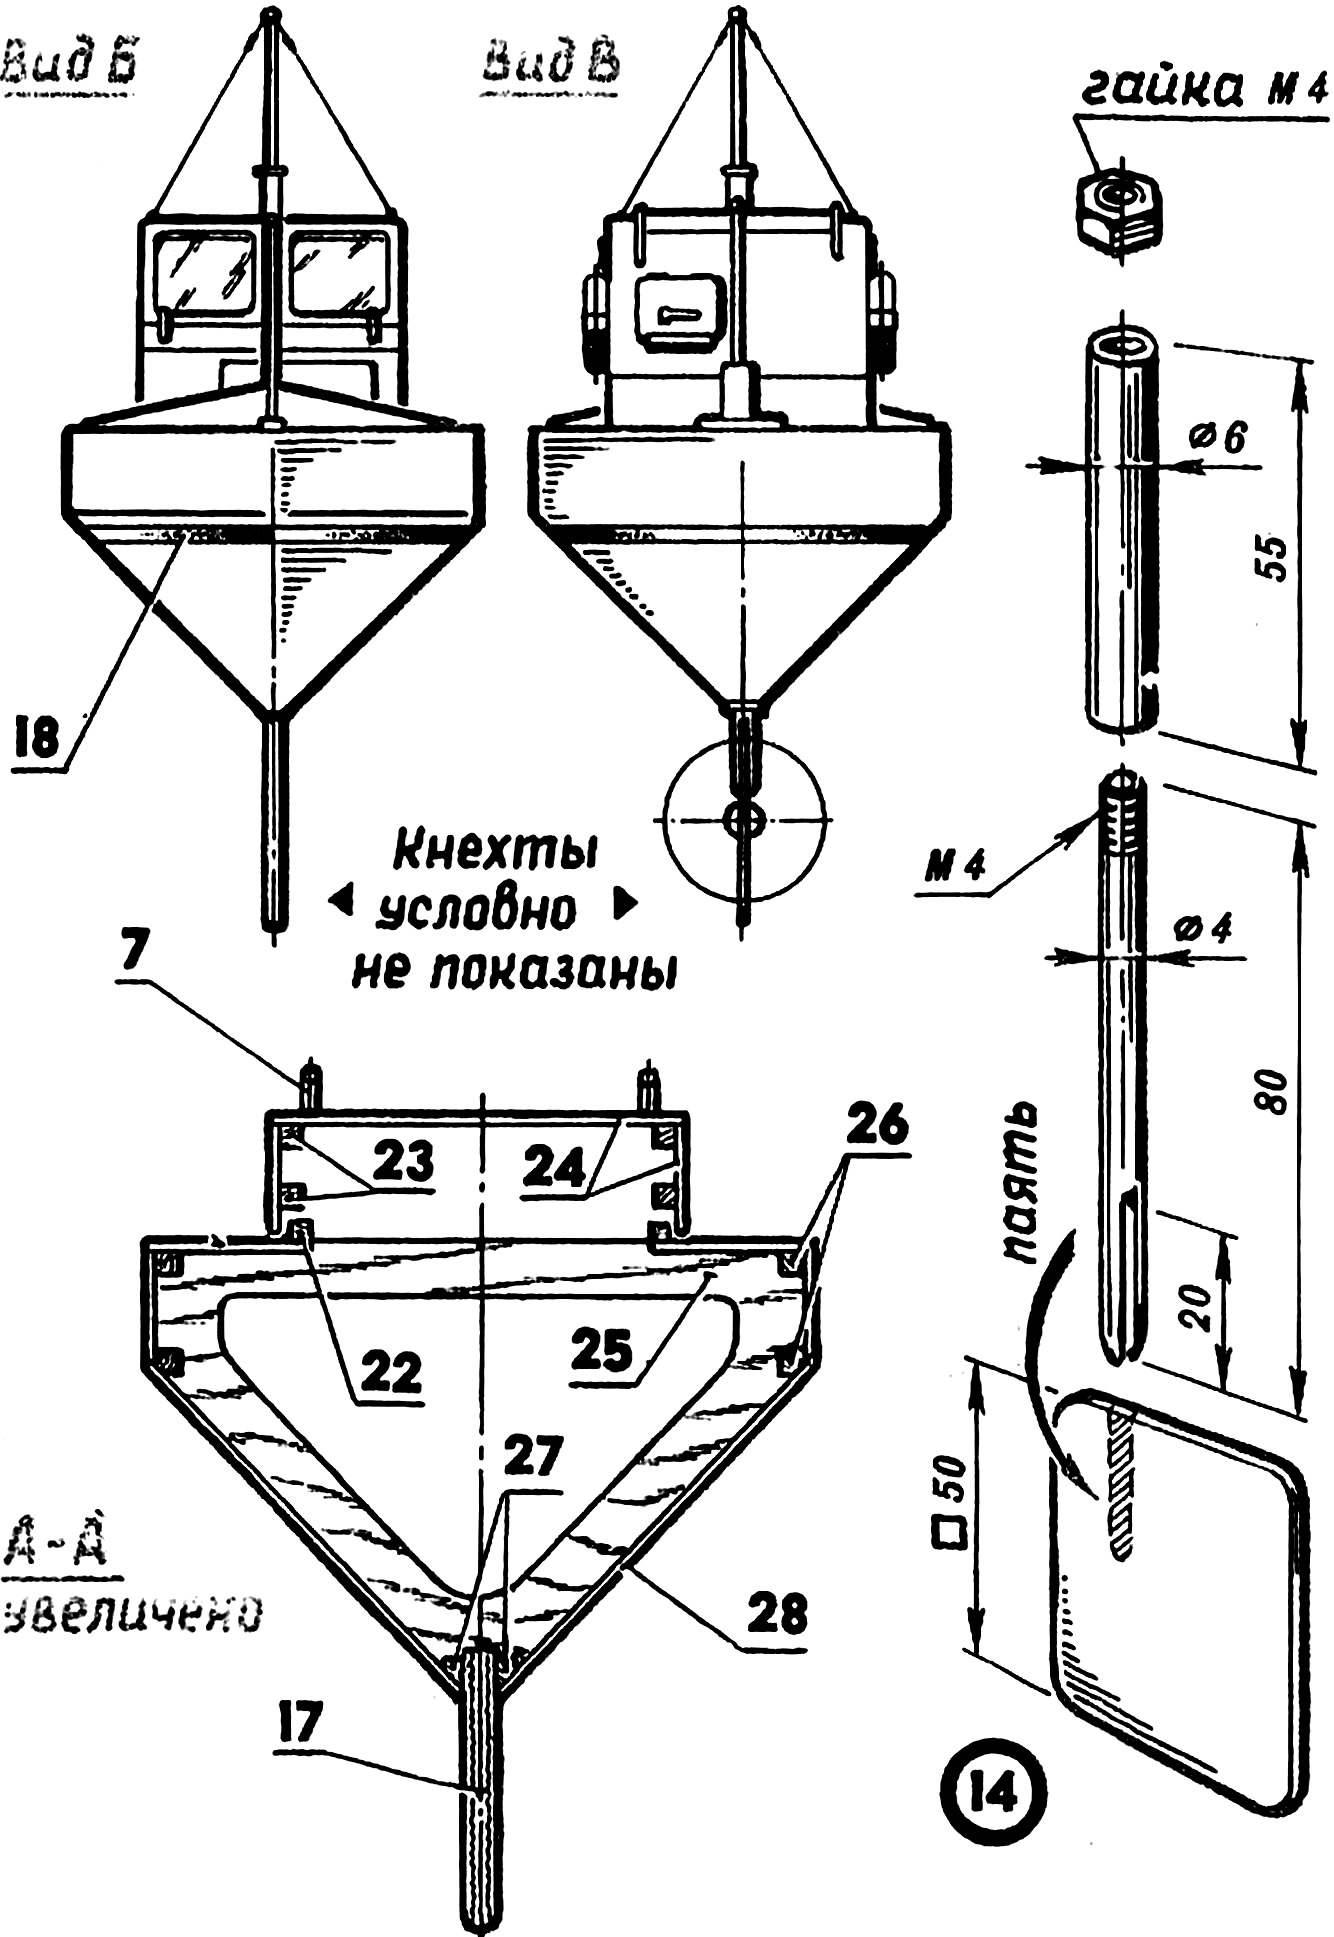 Рис. 1. Самоходная модель катера.